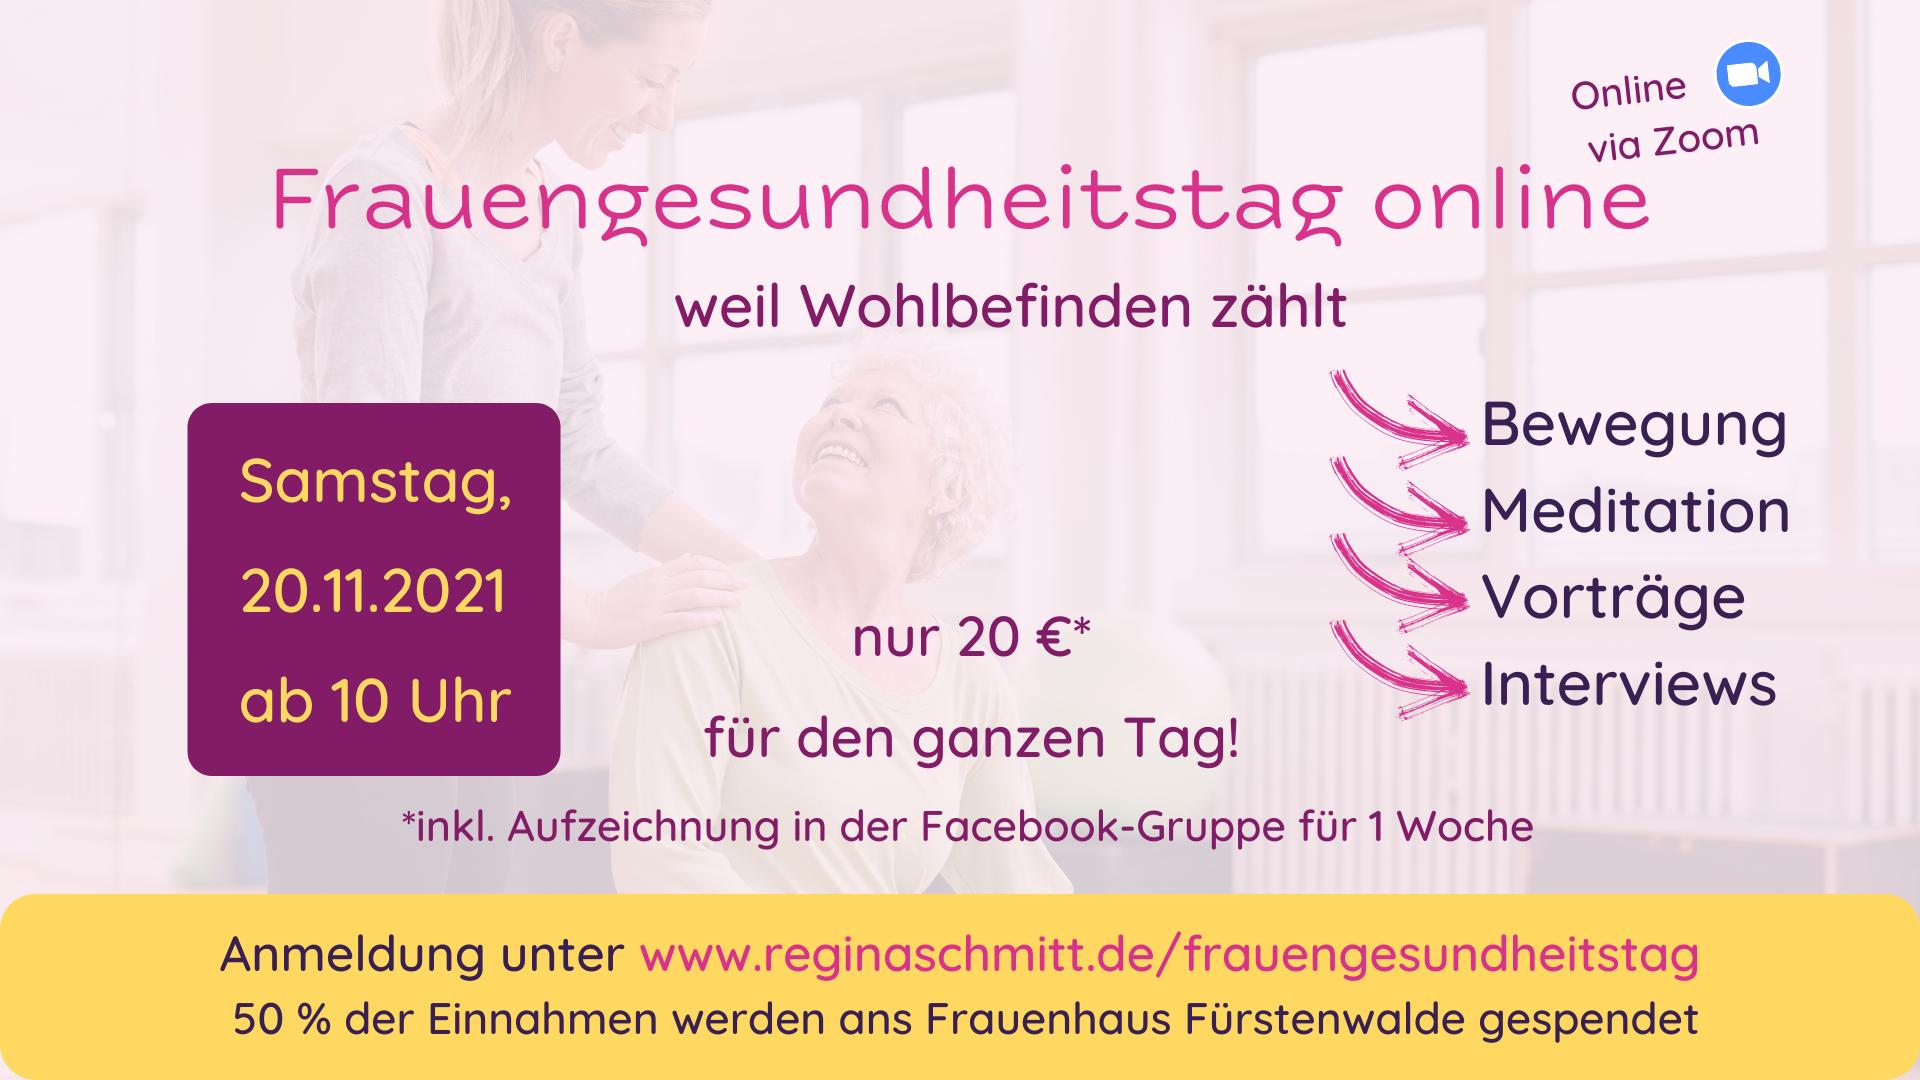 Frauengesundheitstag online